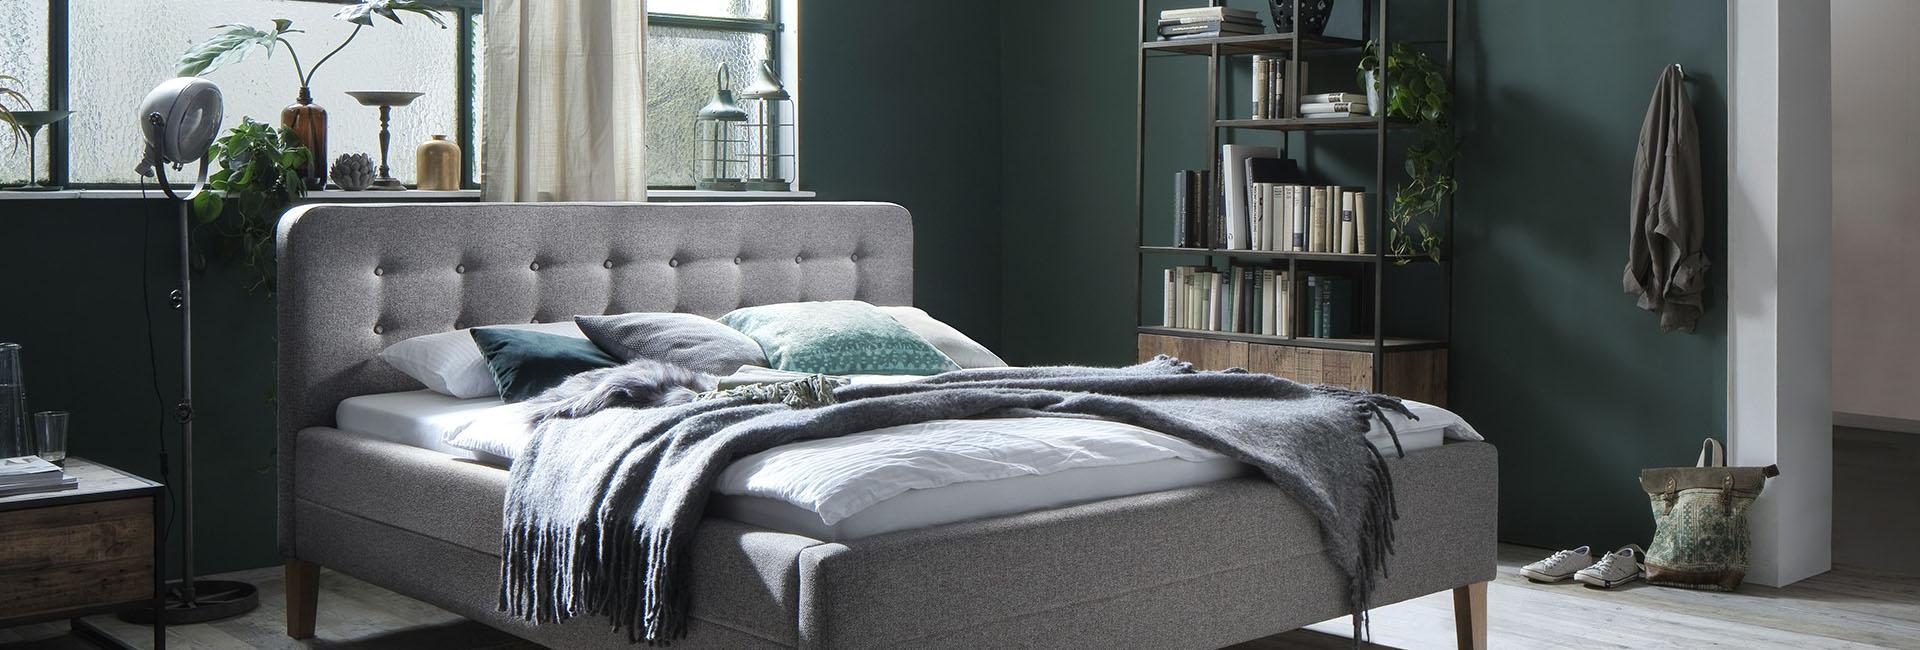 Full Size of Schlafzimmer Komplett Modern Weiss Luxus Set Massiv Schlafzimmermbel Im Mbel Kraft Onlineshop Kaufen Wandbilder Kommode Vorhänge Teppich Deckenleuchte Nolte Wohnzimmer Schlafzimmer Komplett Modern